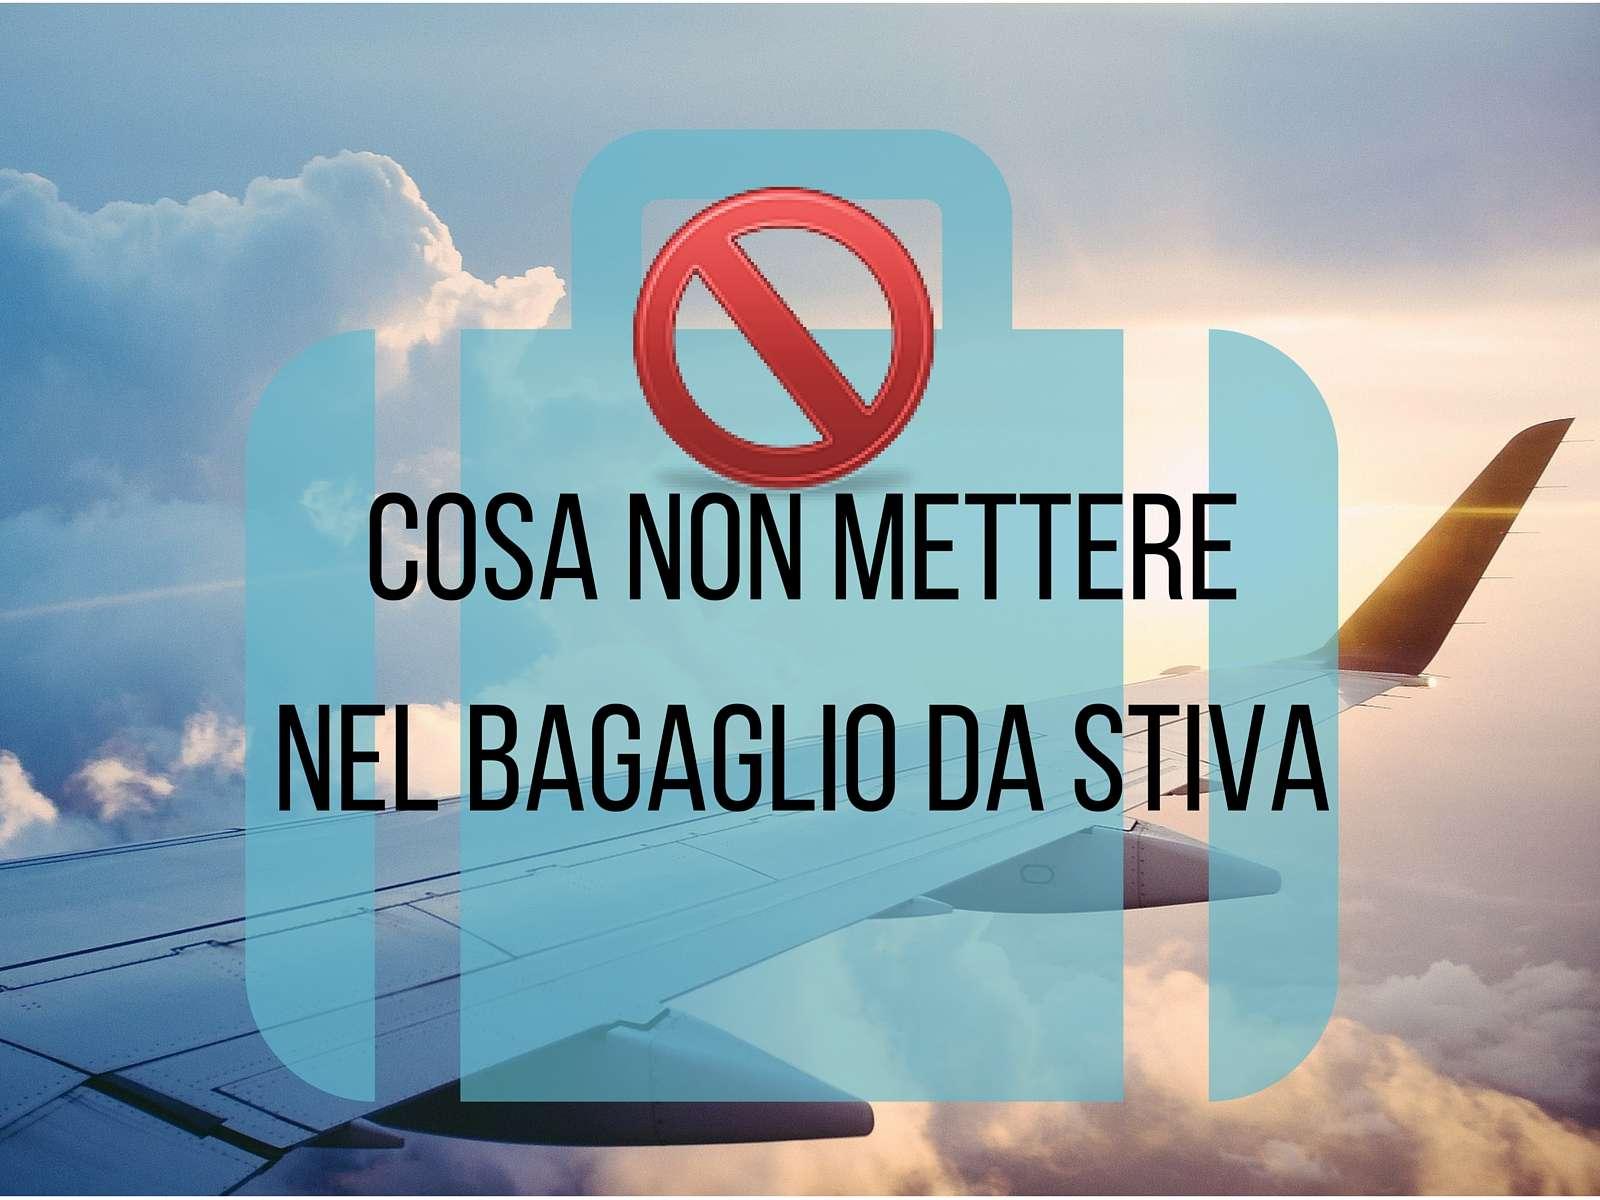 Cosa non si pu portare nel bagaglio da stiva travelling - Ml da portare in aereo ...